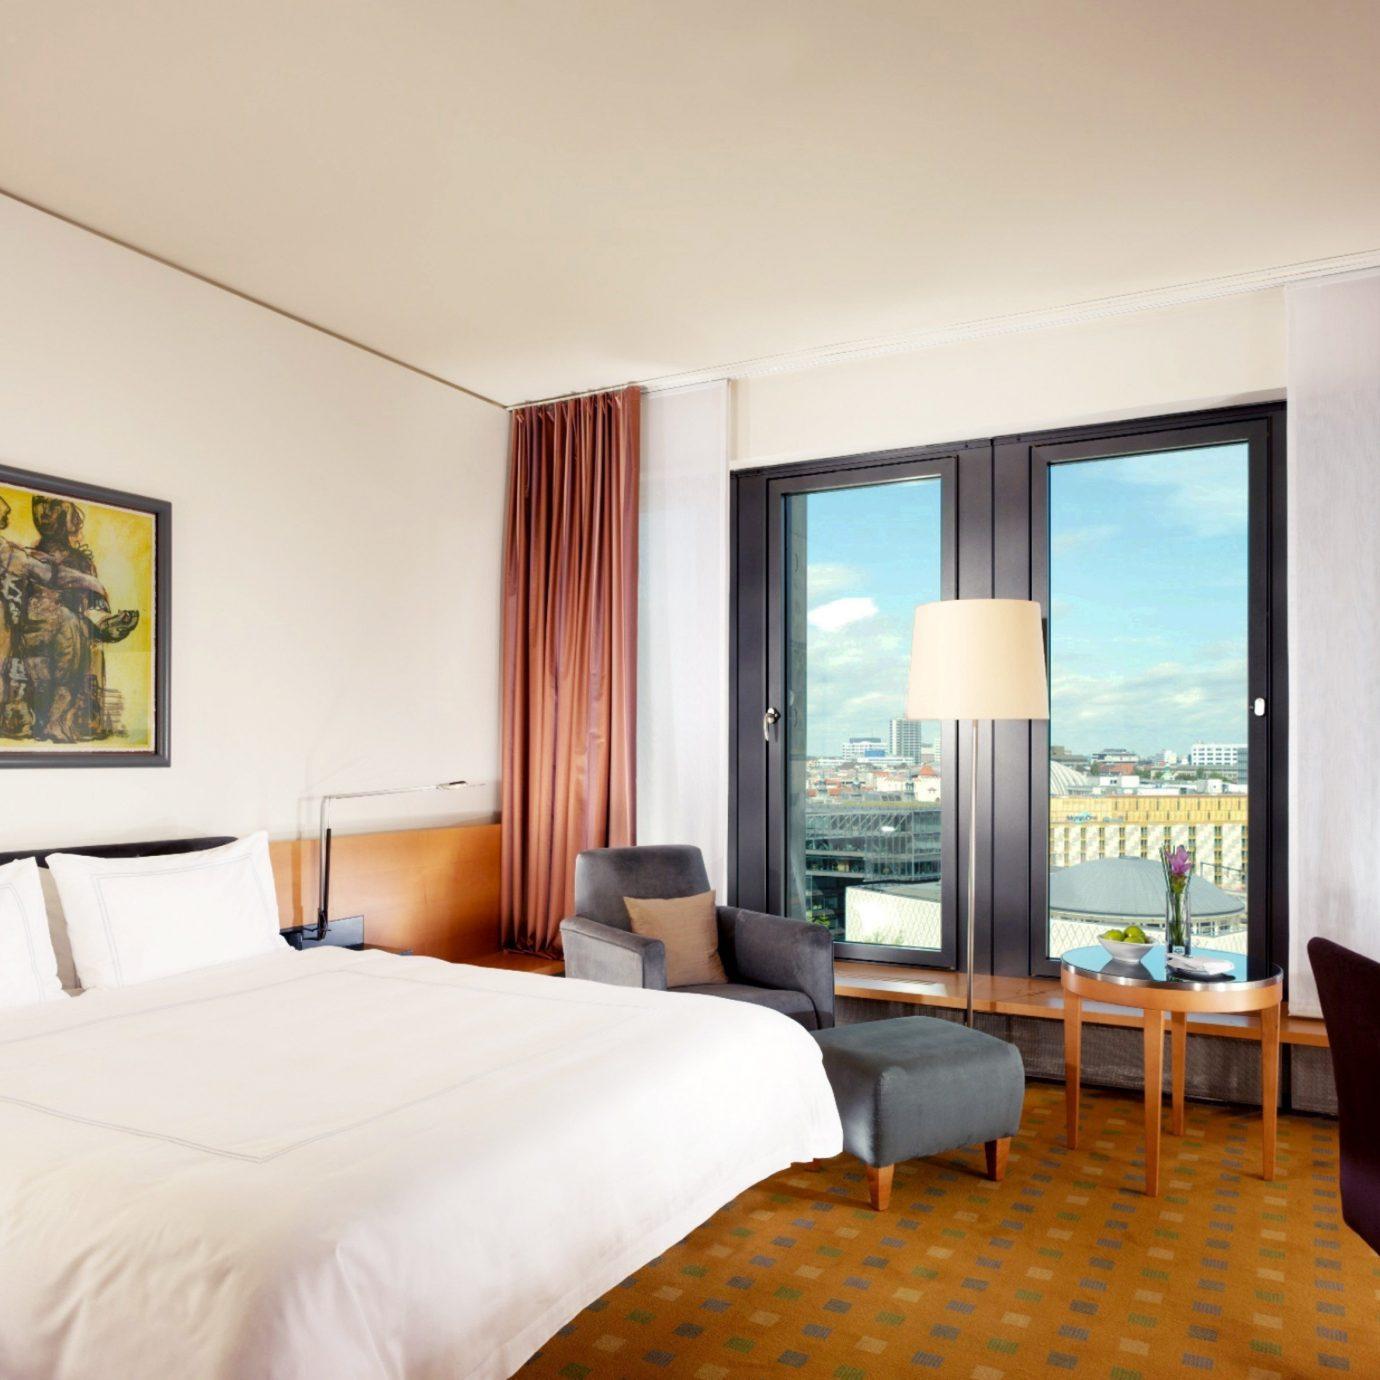 Bedroom City Modern Resort property chair Suite scene condominium nice living room Villa